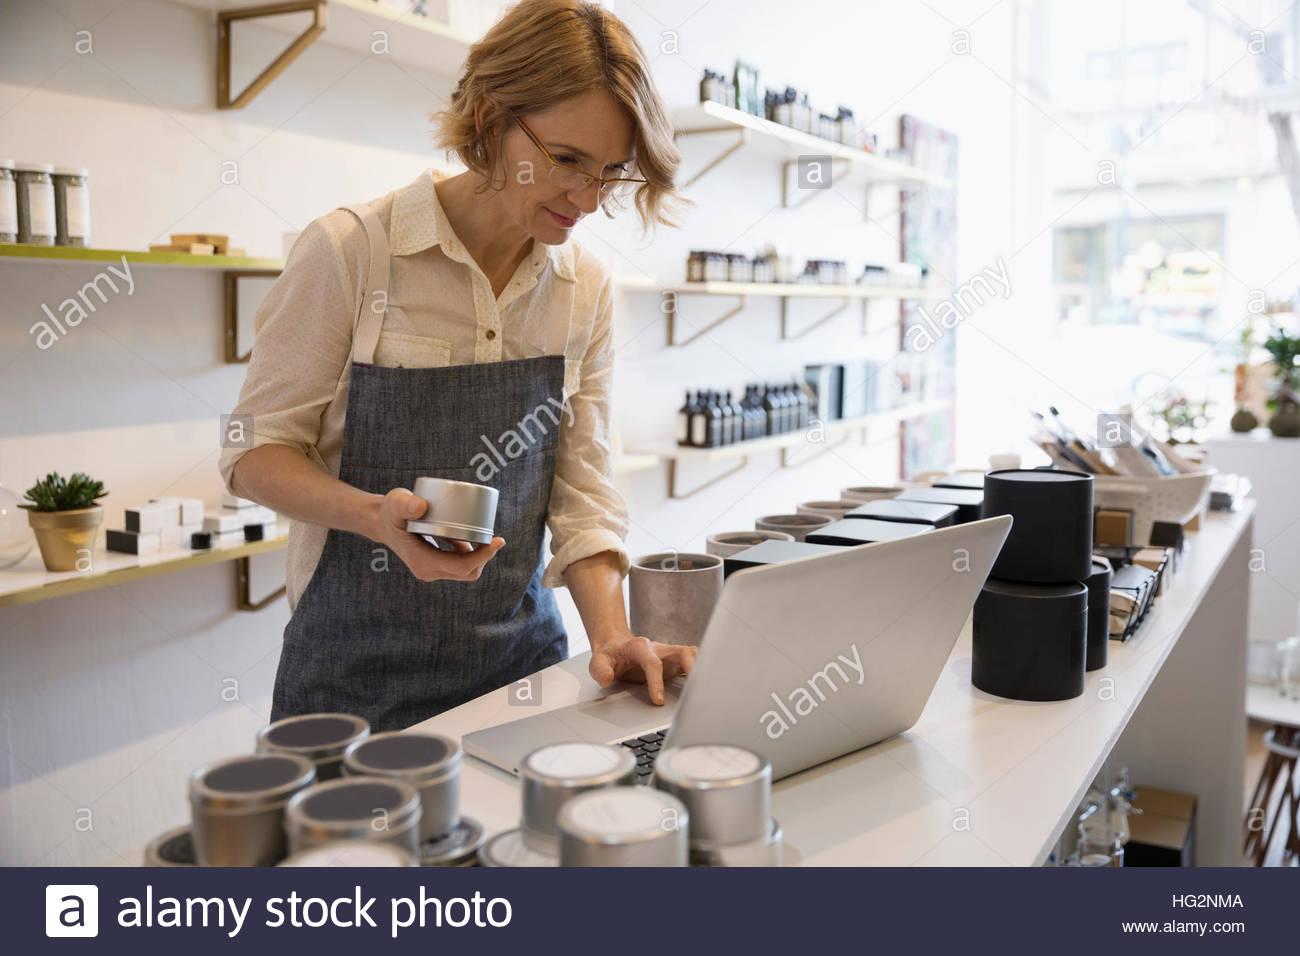 Weibliche Raumduft-Shop-Betreiber arbeiten am Laptop die Inventur Stockbild